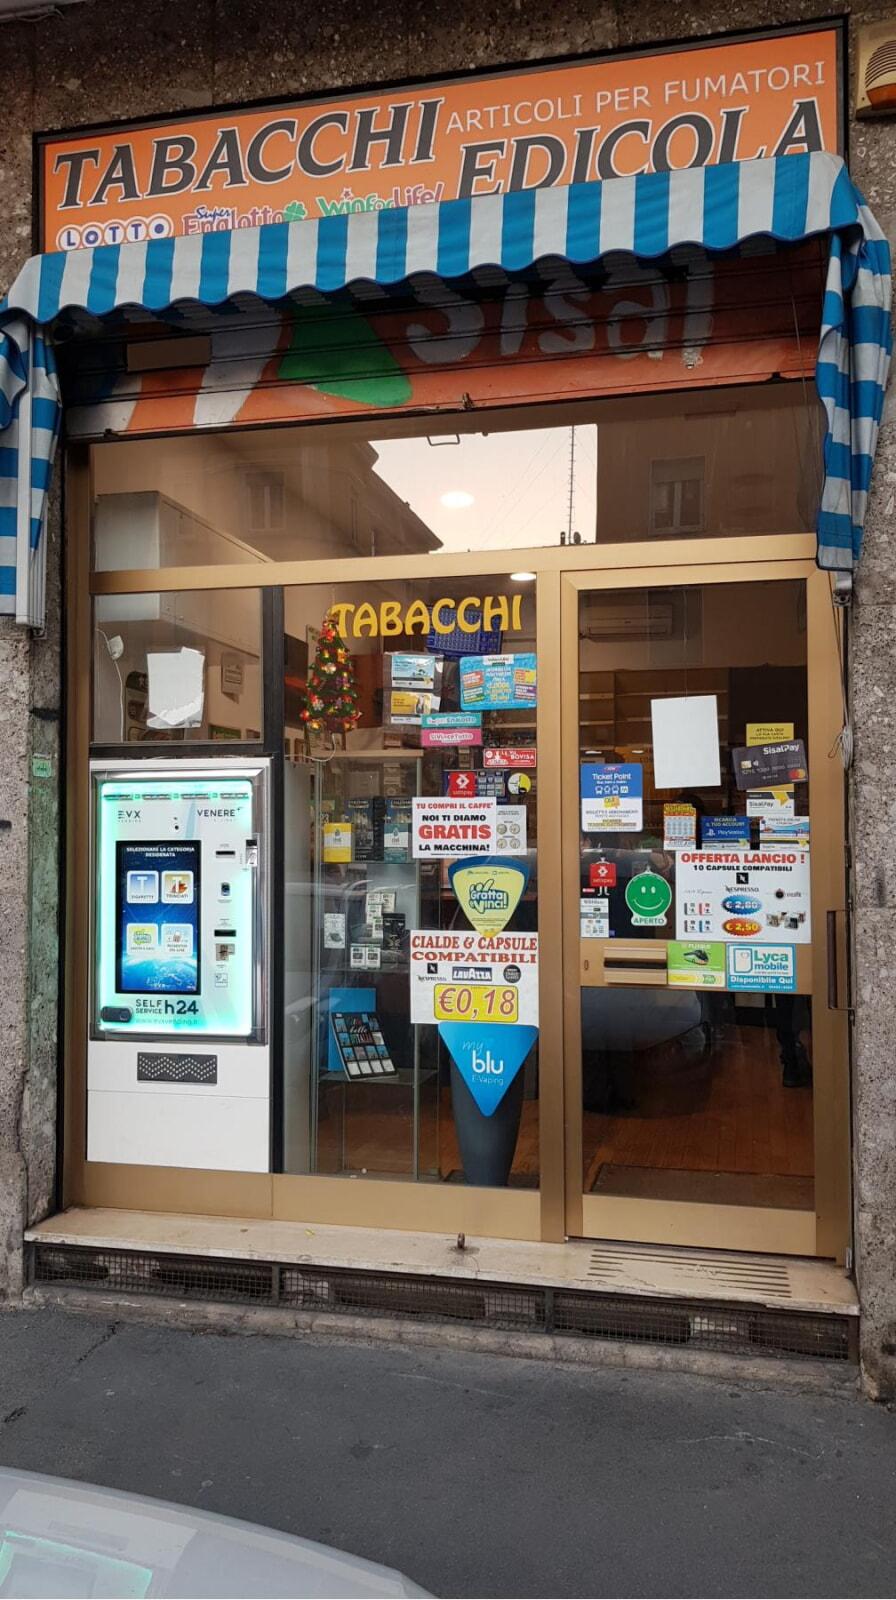 distributore-automatico-sigarette-evx-venere_+plus (7)